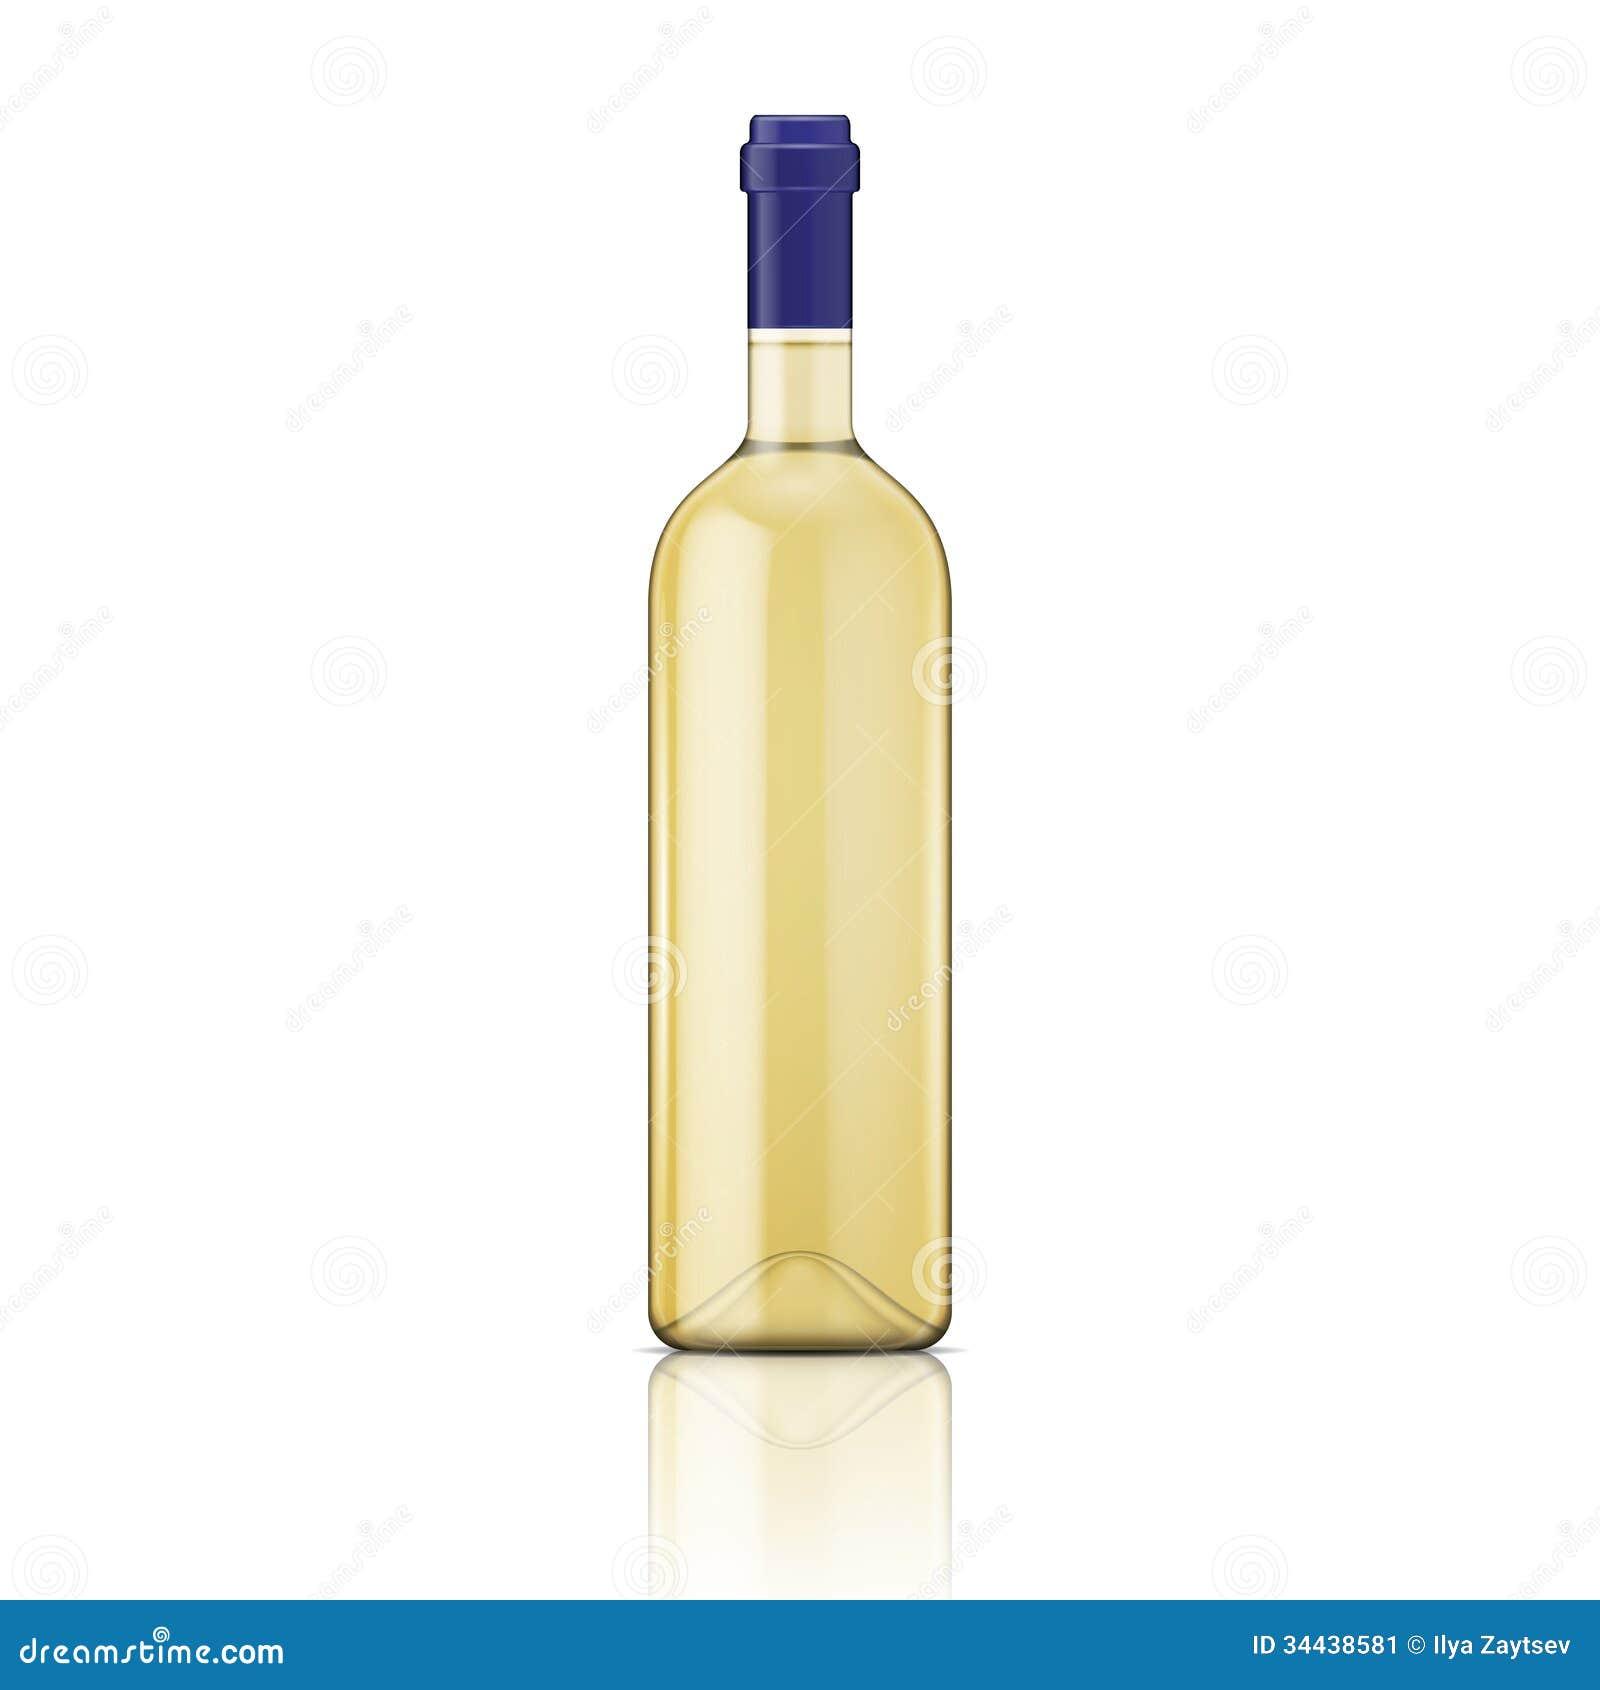 White Wine Bottle. Stock Image - Image: 34438581